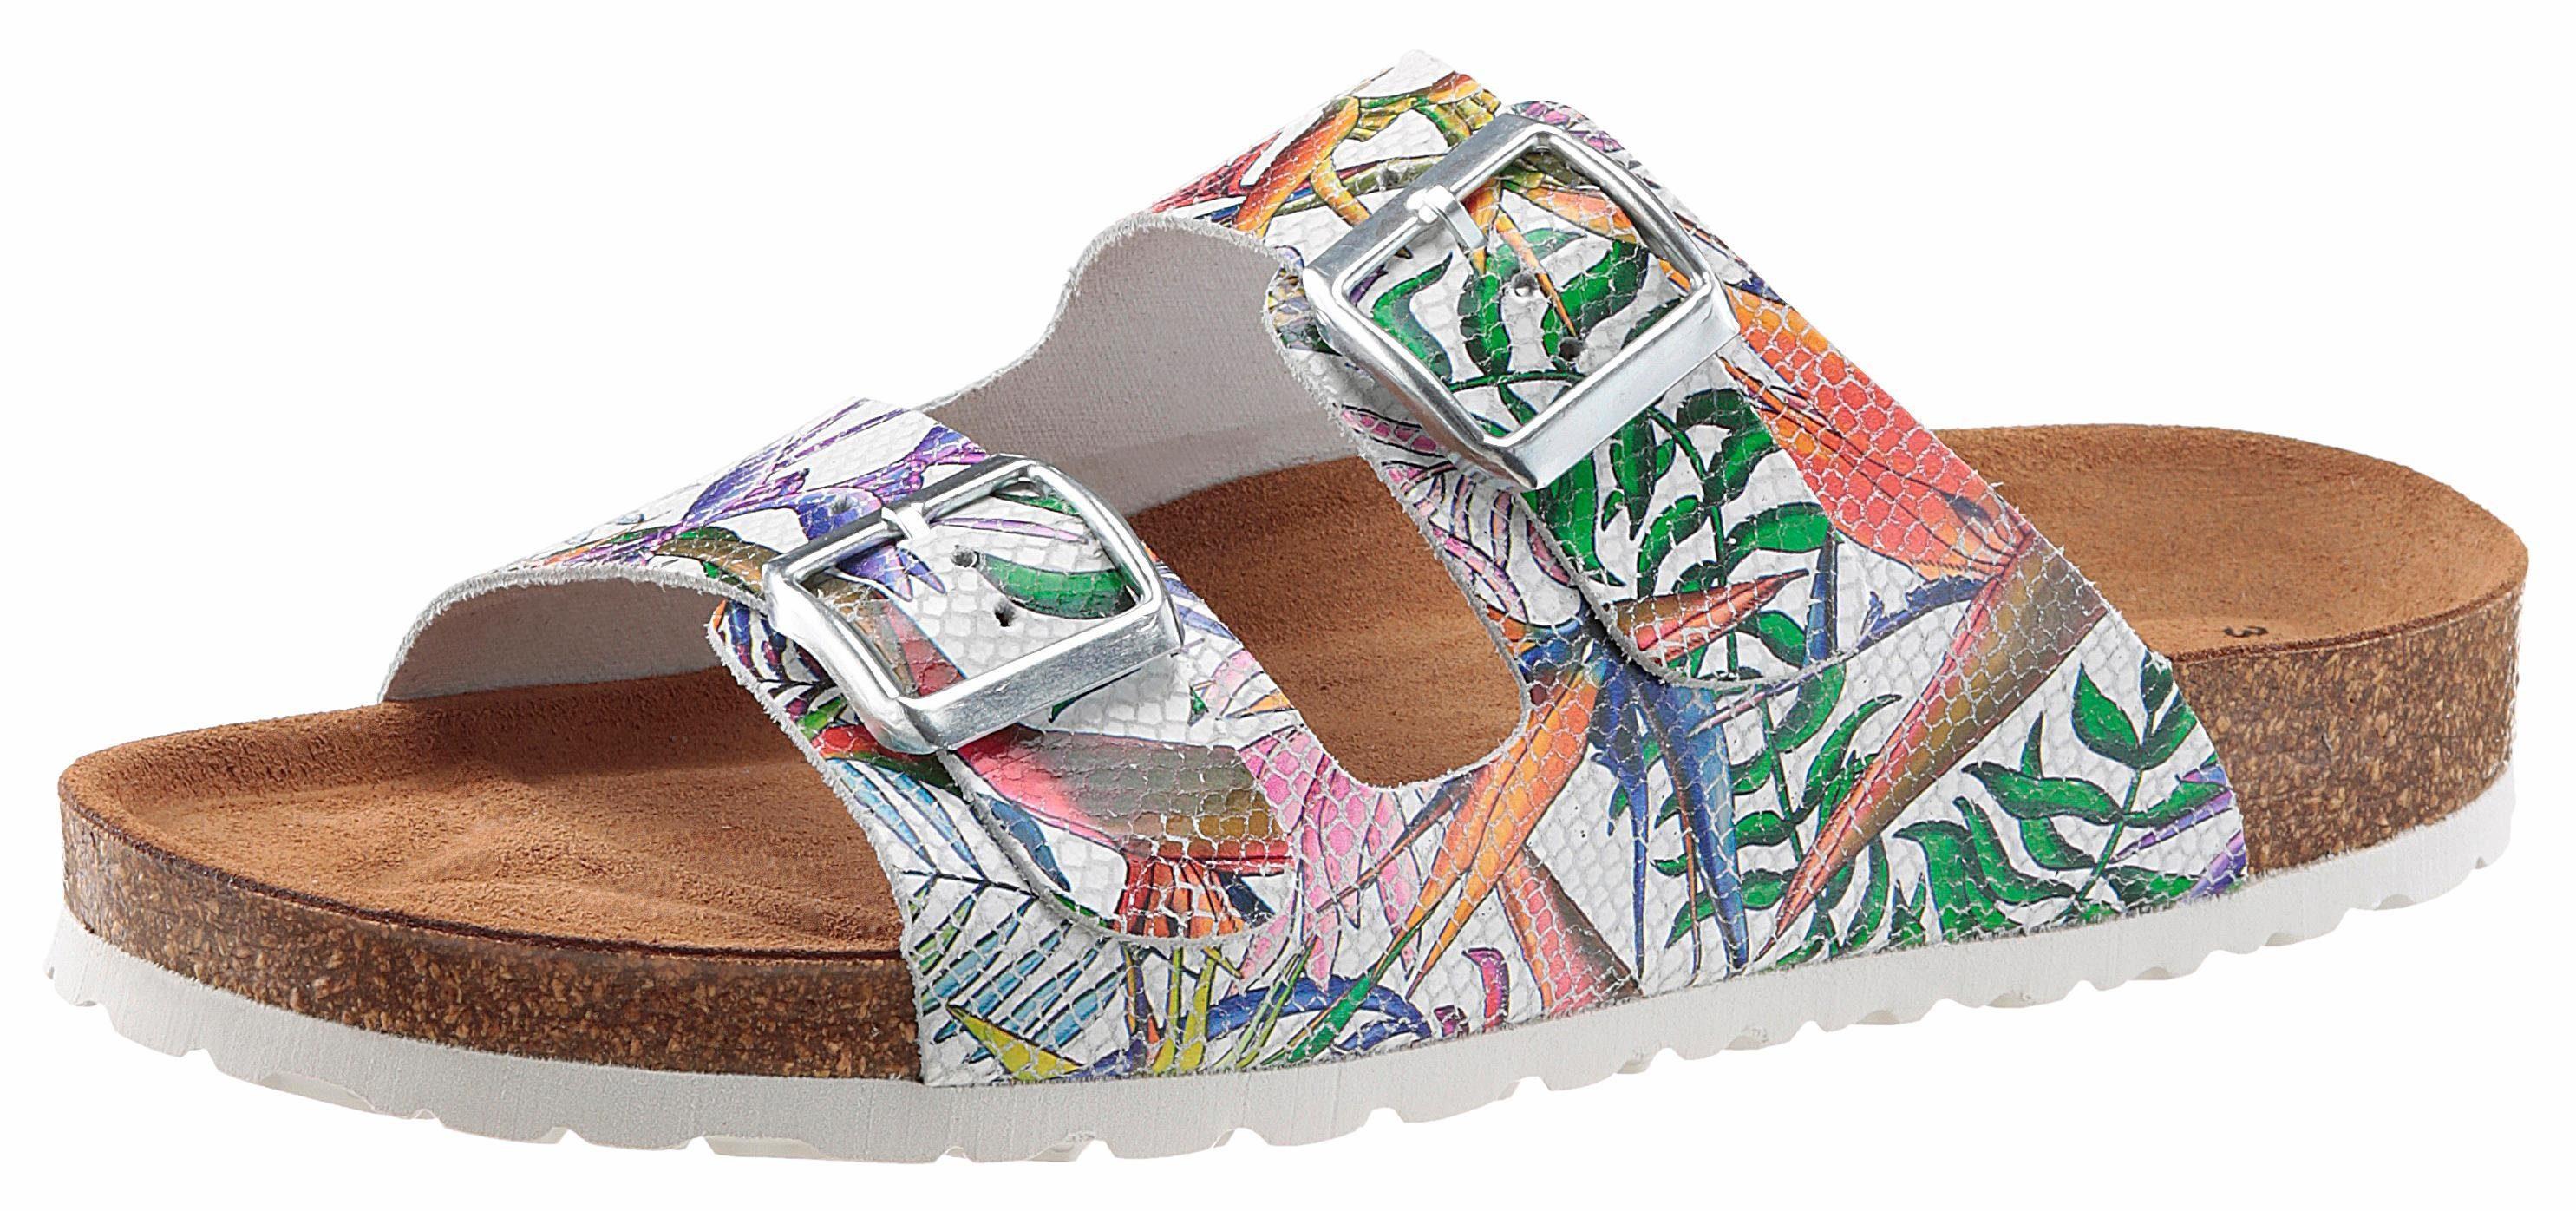 Tamaris Pantolette mit tropischem Muster kaufen